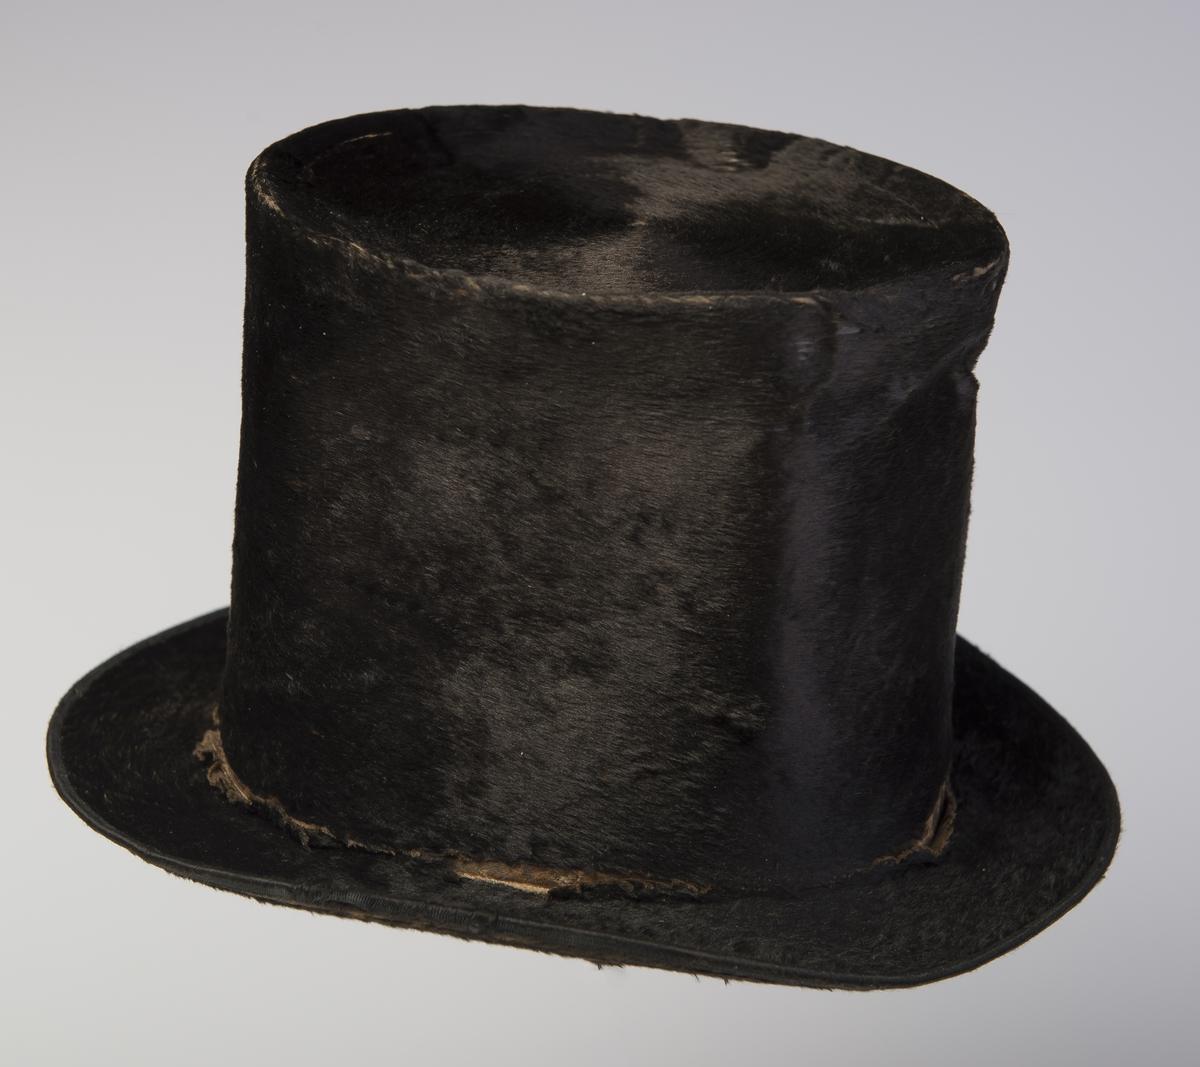 Flosshatt med høy stiv pull som er flat på toppen. Bremmen er flat fram og bak, noe  oppover bøyd på sidene. Bremmen er kantet med ripsbånd. Hatten er foret med mønstret papir. Trykk i pullen.